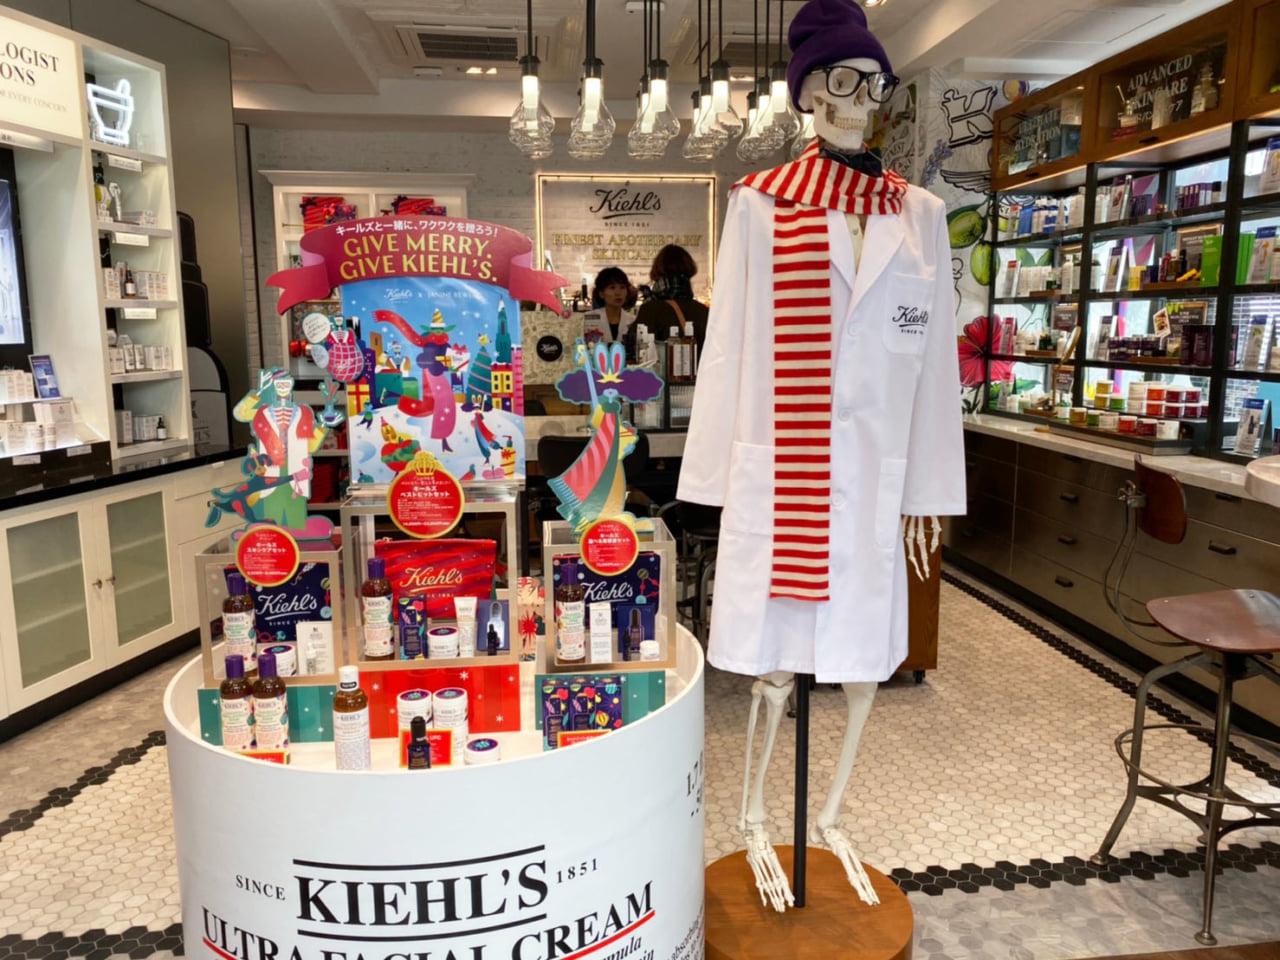 キールズ TOKYO フラッグシップストア 店内写真